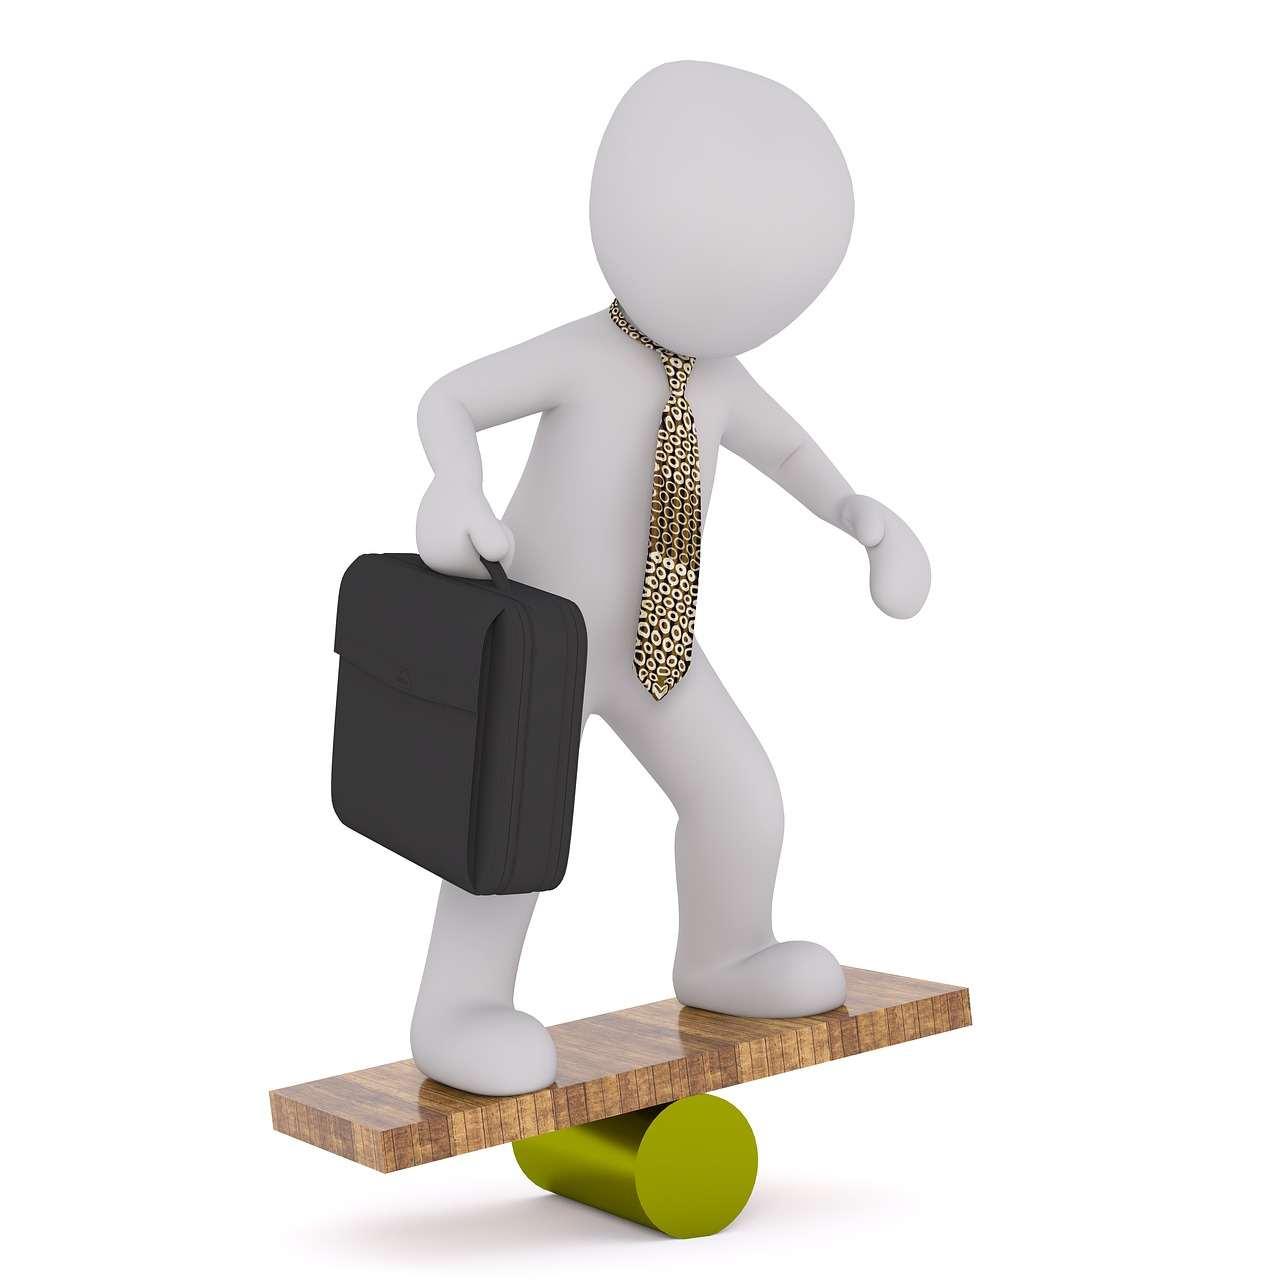 Gleichgewichtstraining, sportliche Leistung und Verletzungsrisiken